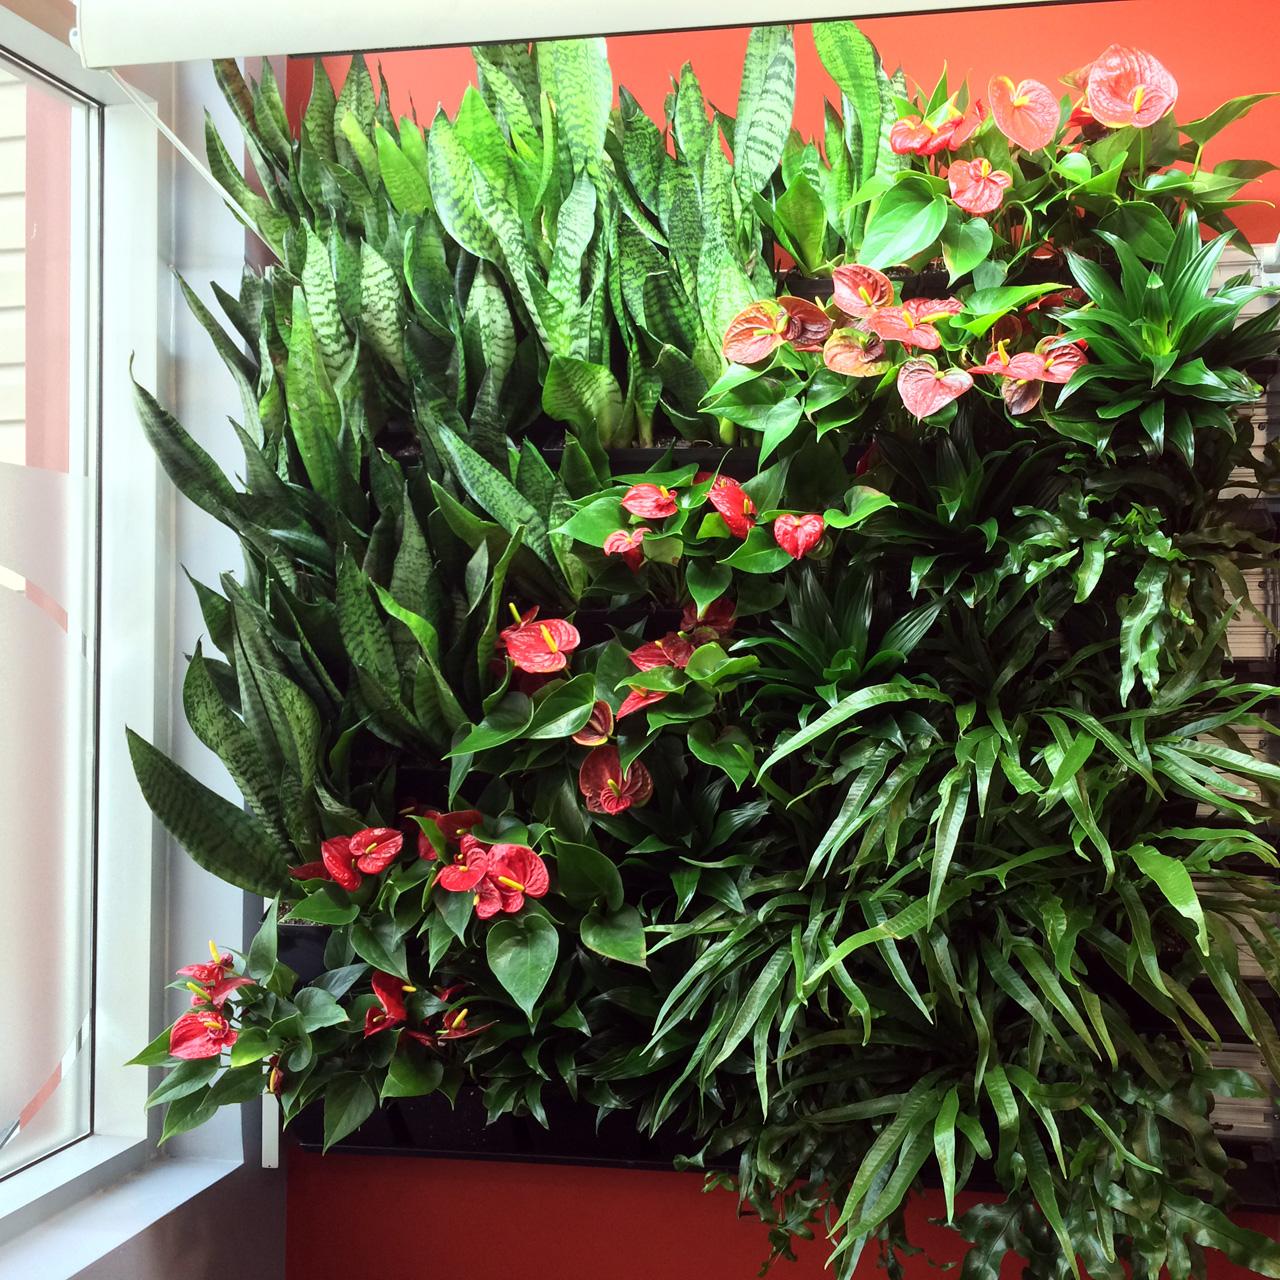 ACSA small living wall May 2015